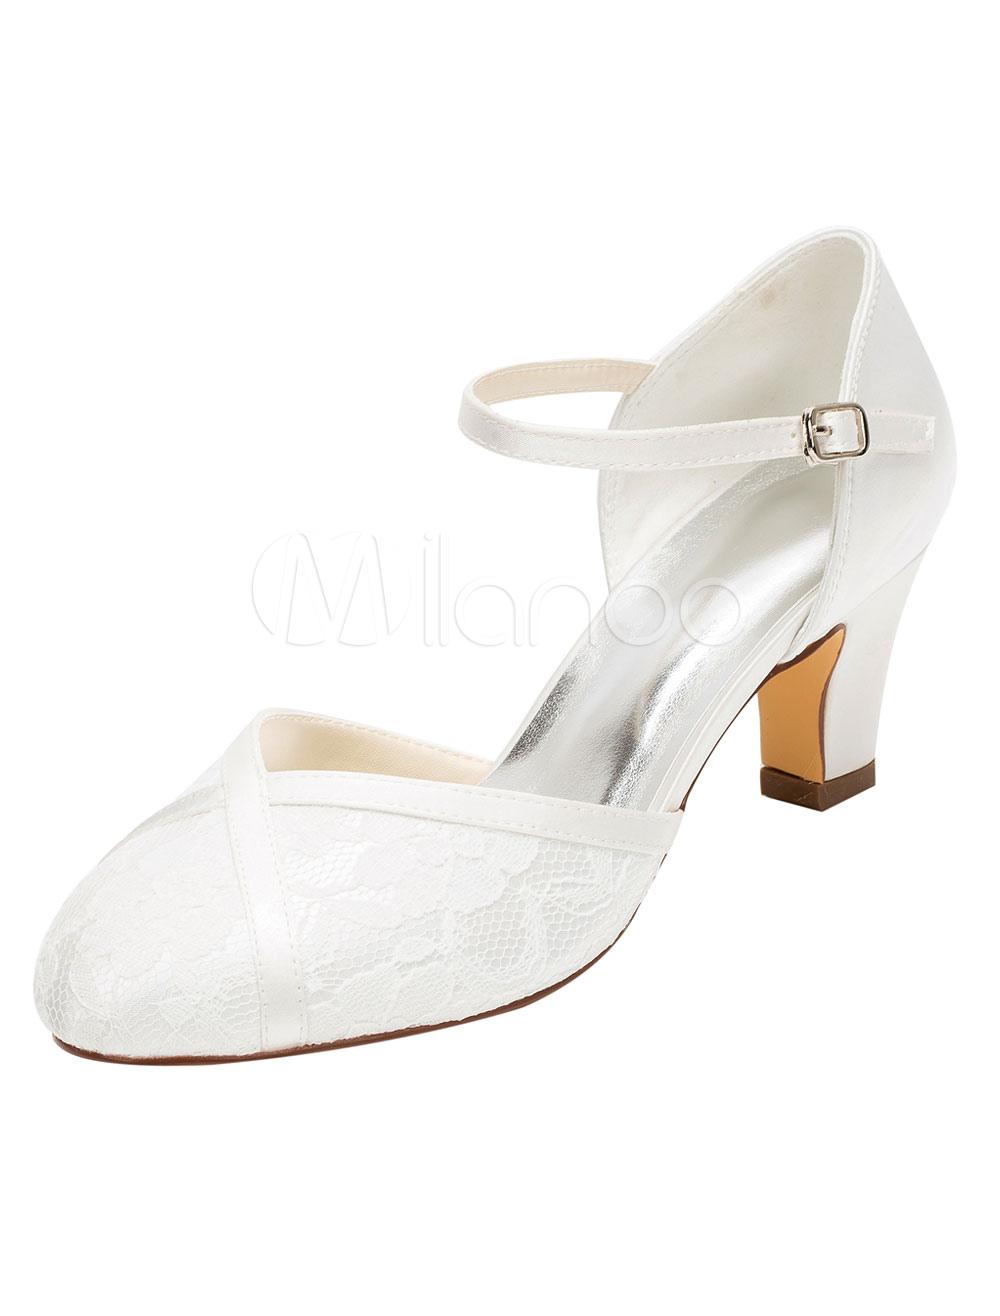 http www media moon fr media chaussure mariage pas cher chaussures de mariage en dentelle 2020 c3 a0 talon haut ivoire rond 1002 html